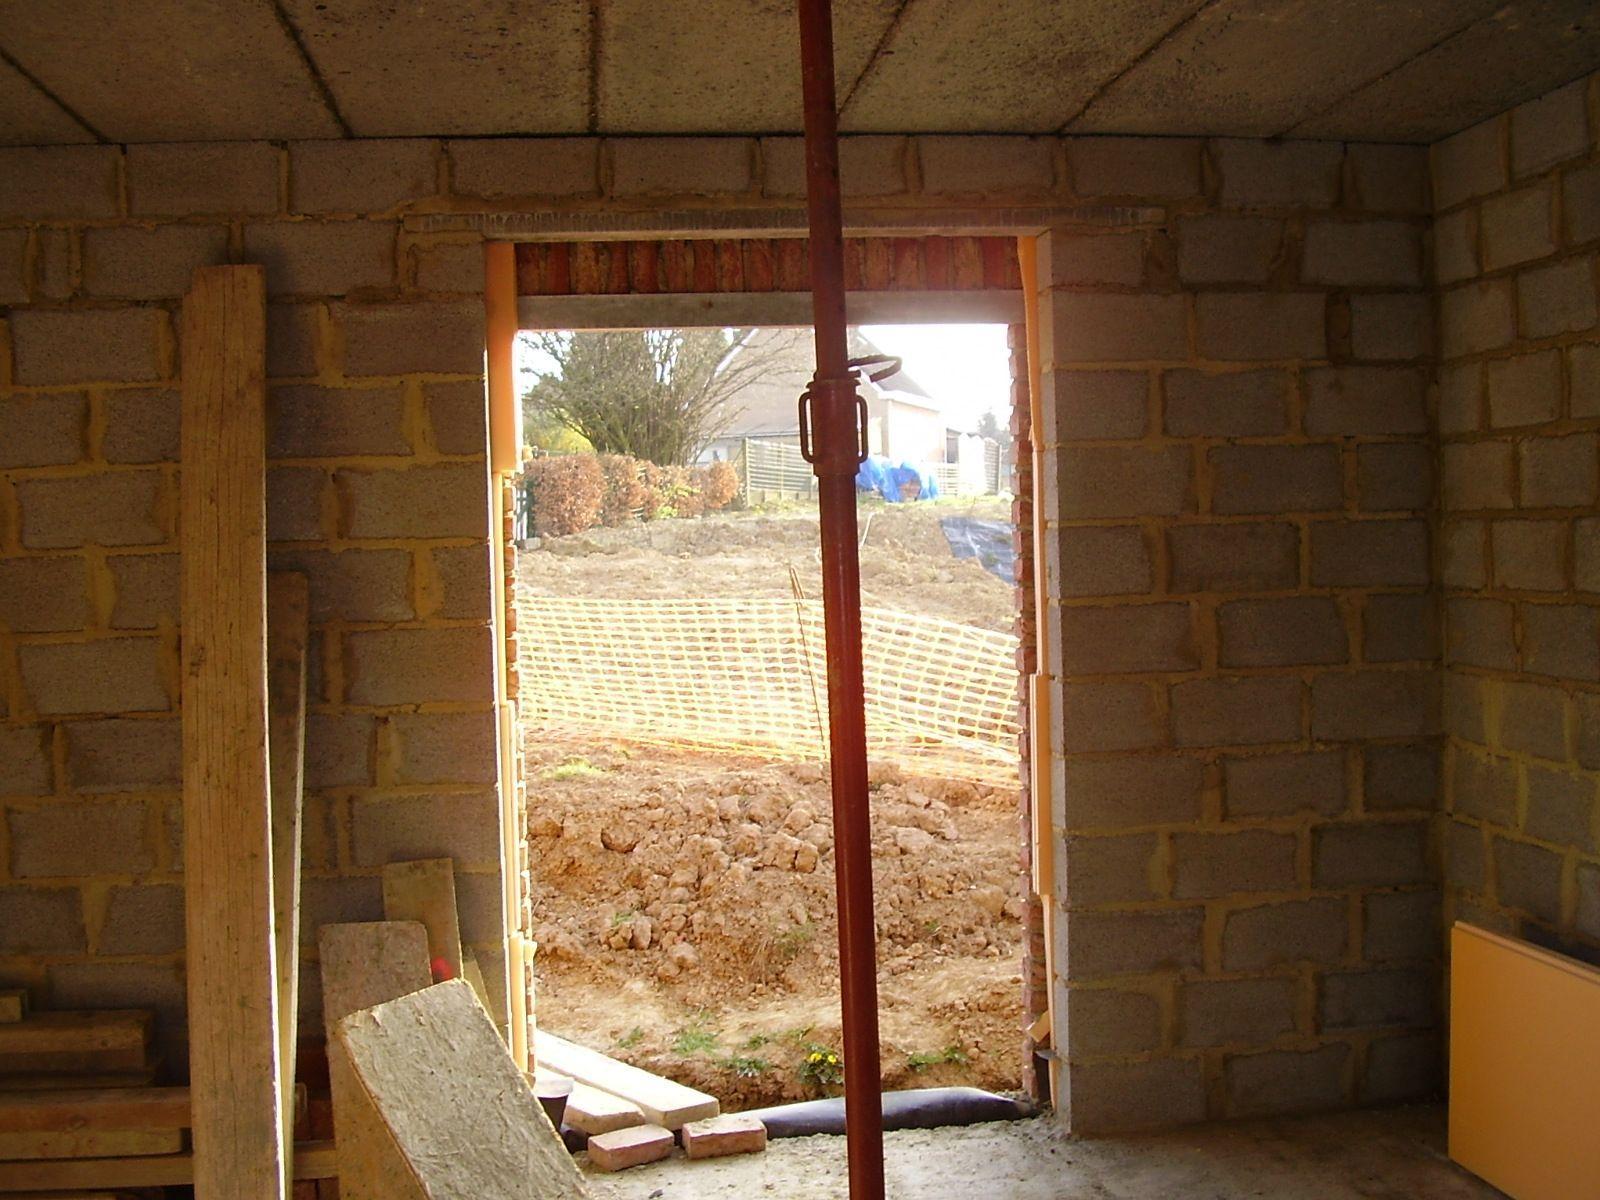 Porte fen tre salle manger ma onnerie centerblog - Porte salle a manger ...